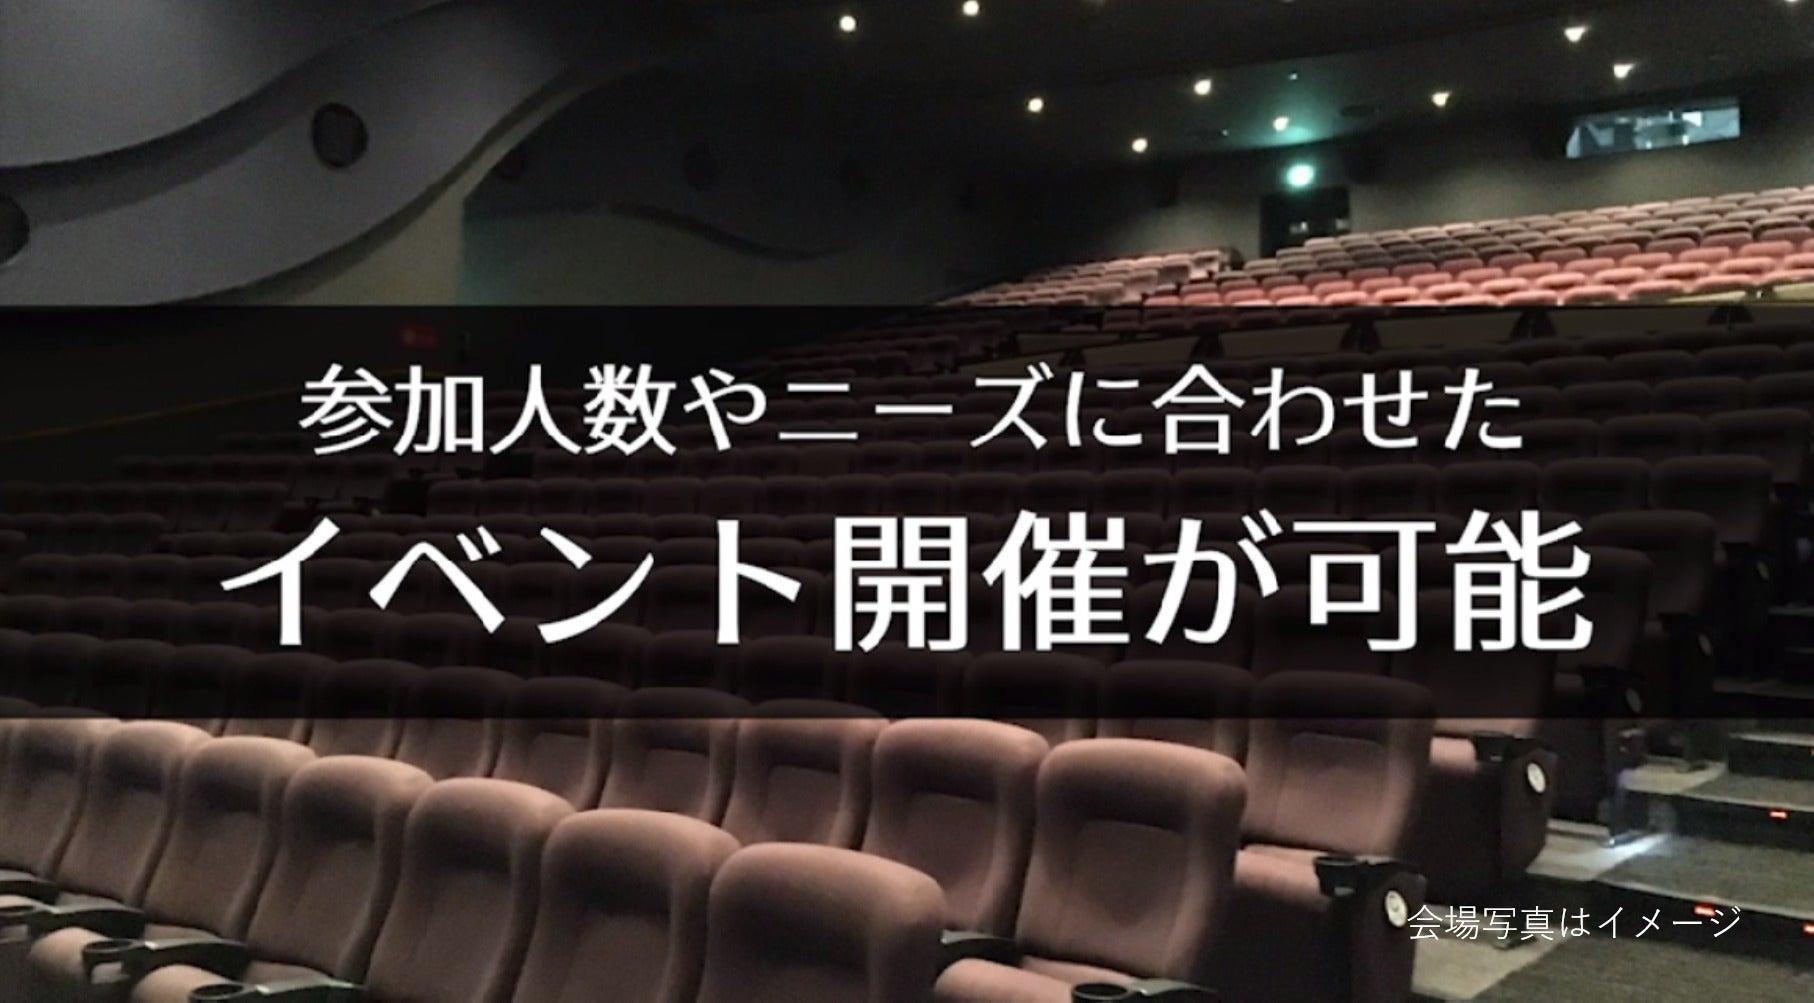 【熊本 374席】映画館で、会社説明会、株主総会、講演会の企画はいかがですか?(ユナイテッド・シネマ熊本) の写真0